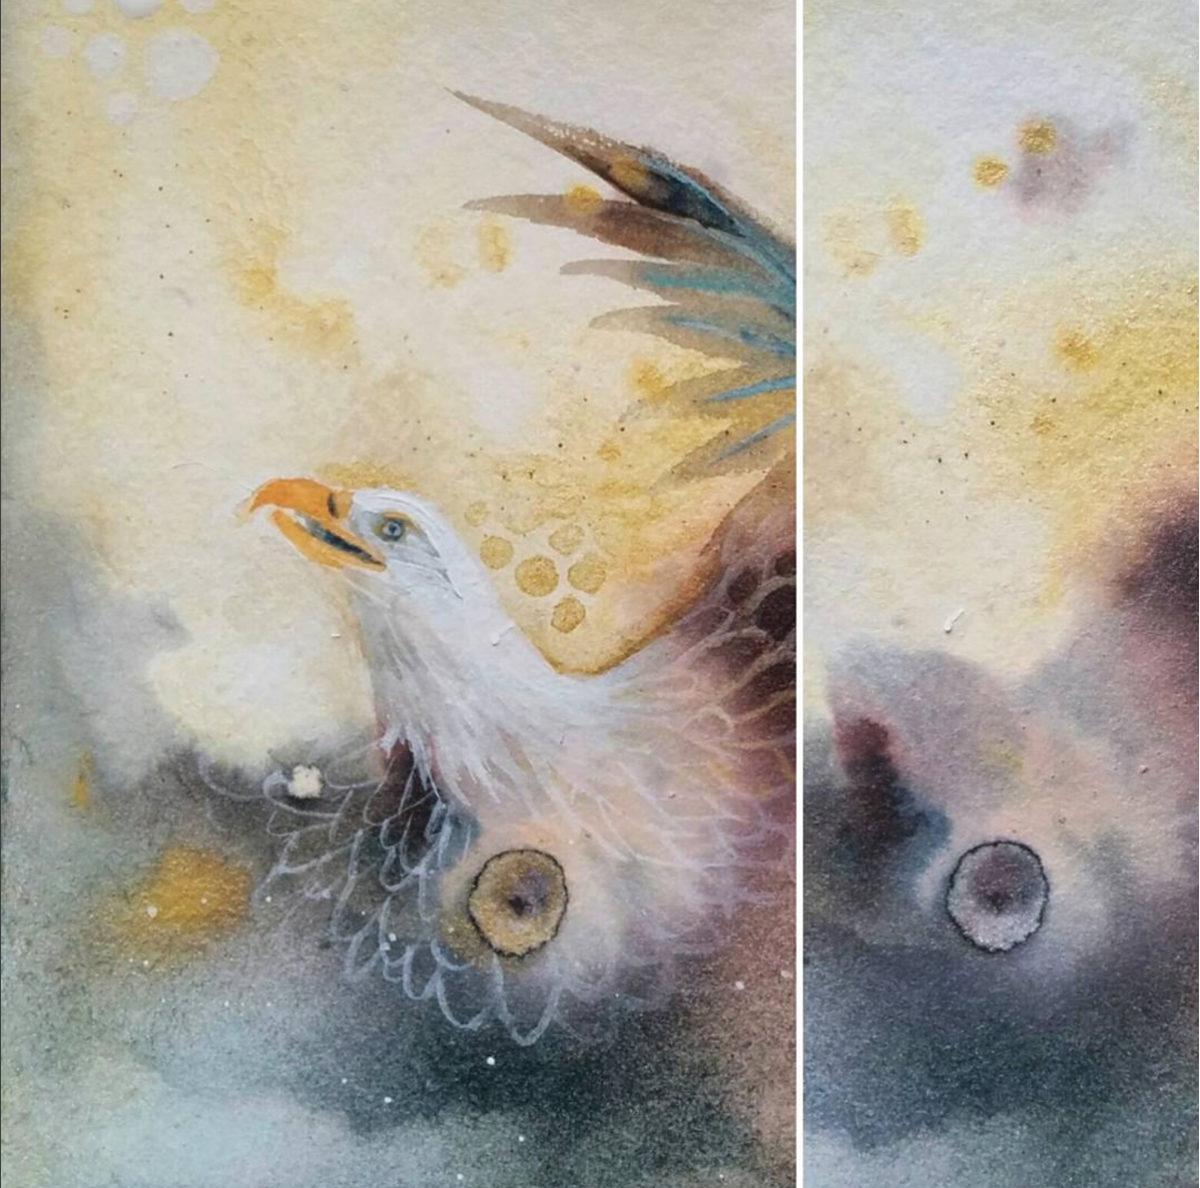 MJT-eagle